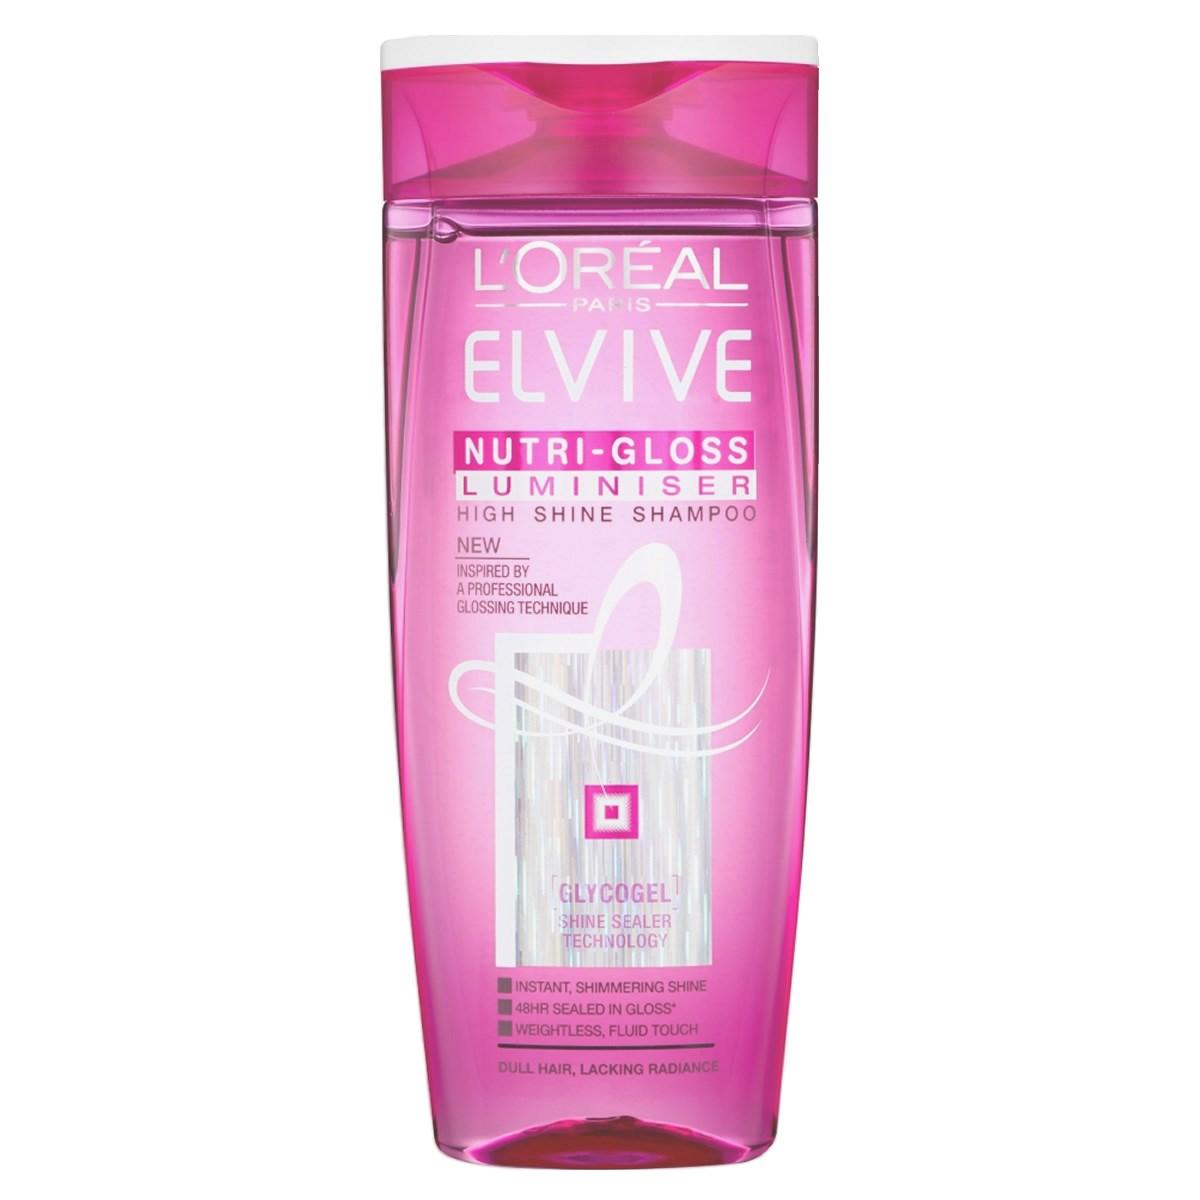 L'Oréal Paris Elvive Nutri-Gloss Luminiser High Shine Shampoo